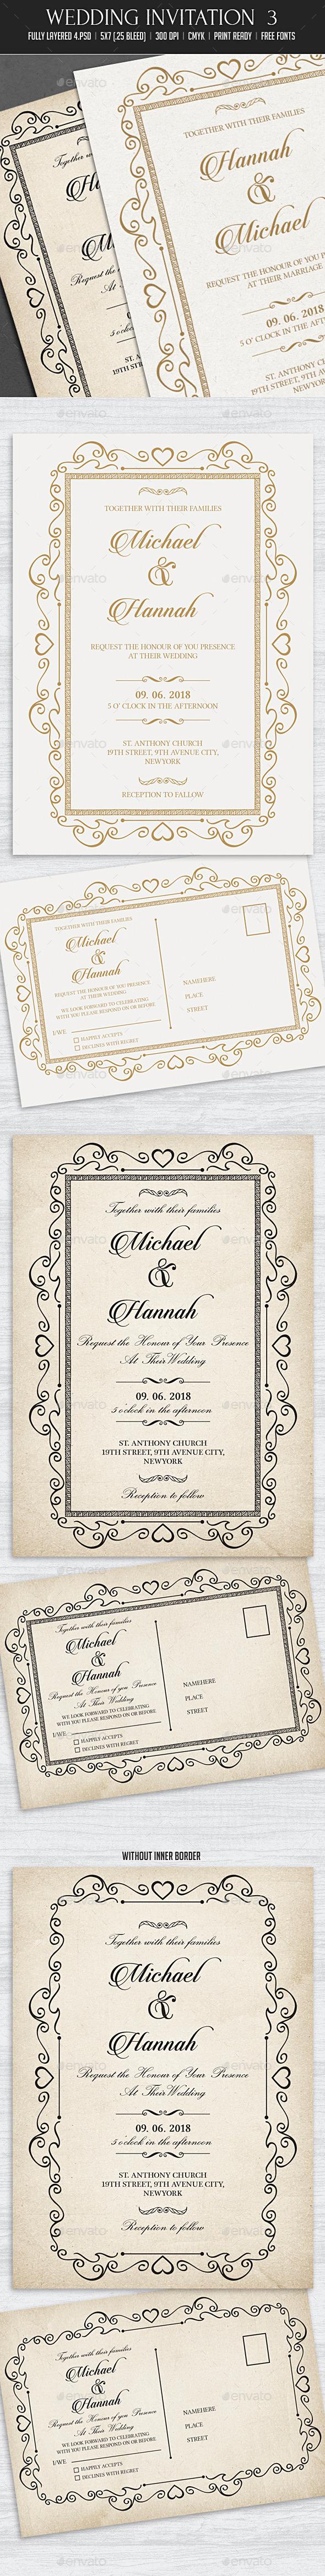 GraphicRiver Wedding Invitation 3 10832670